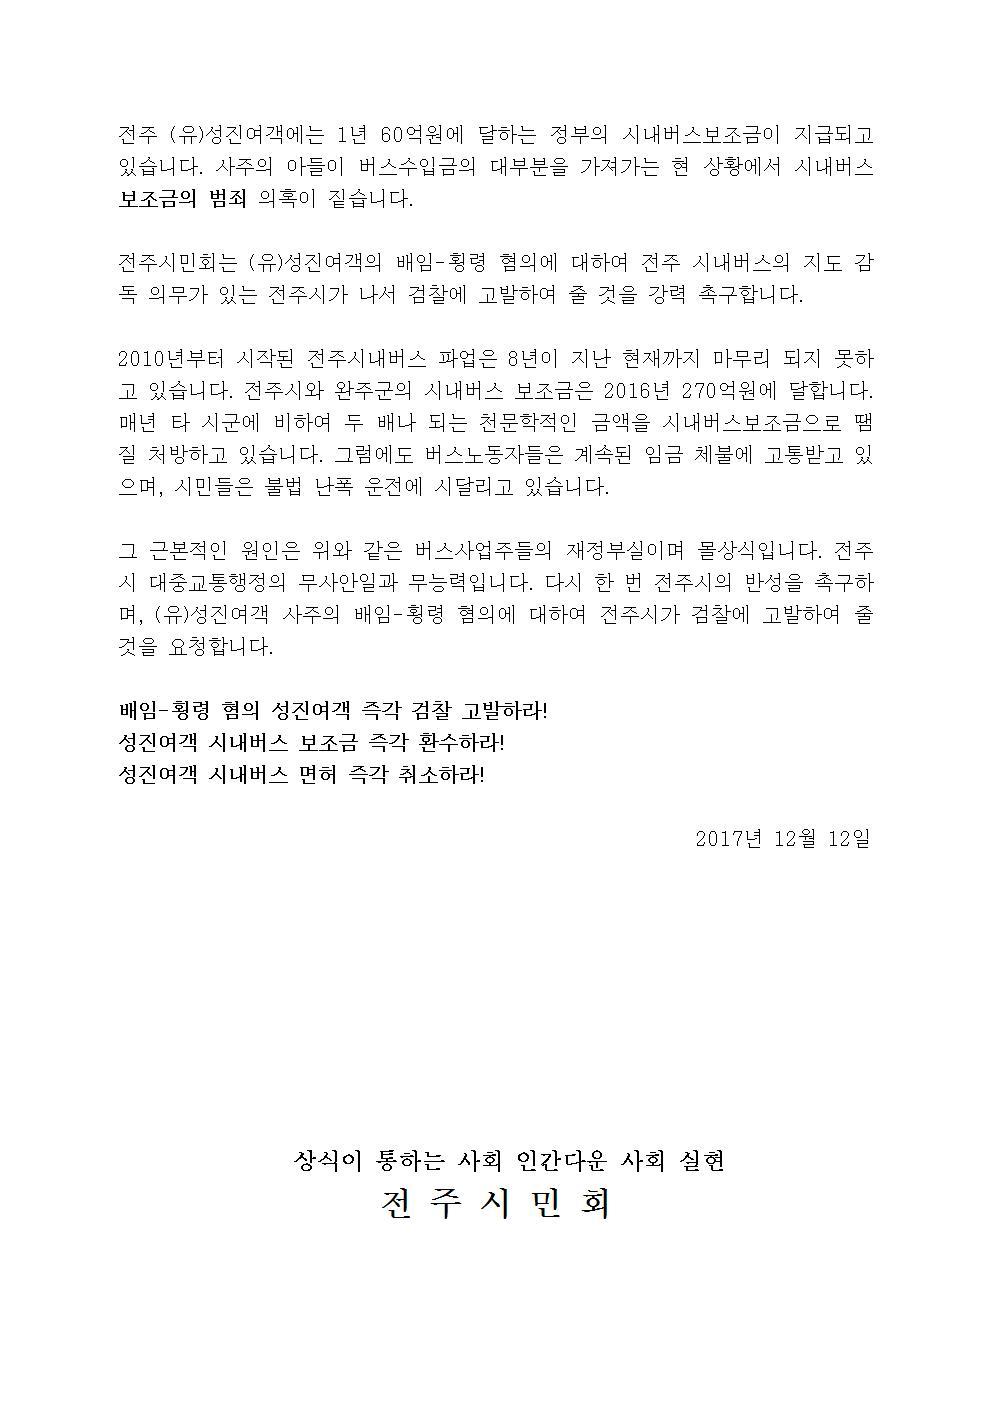 성진여객 고발촉구 기자회견문002.jpg